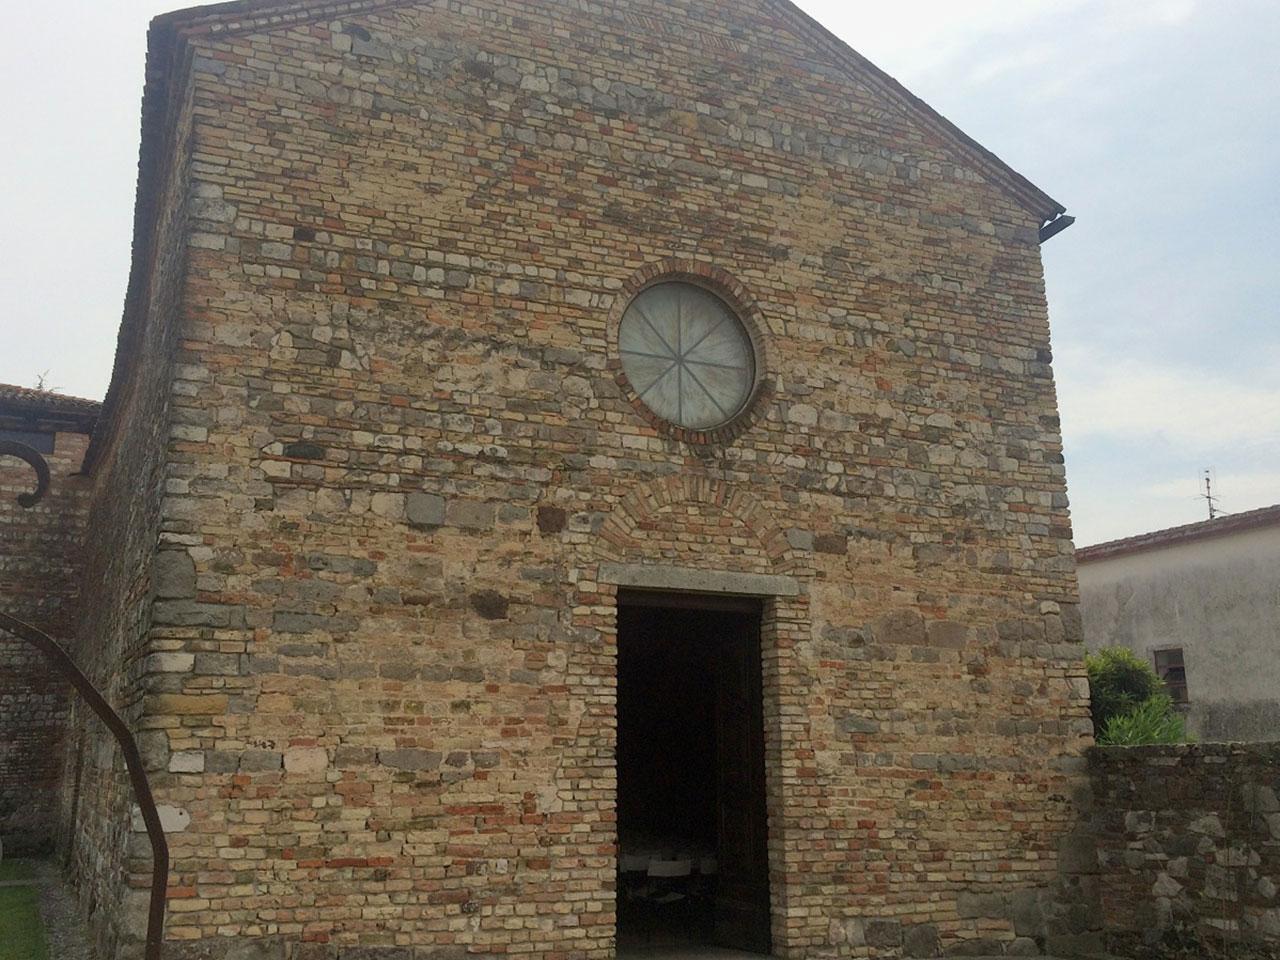 Chiese Romantiche Padova Oratorio Santa Croce Esterni